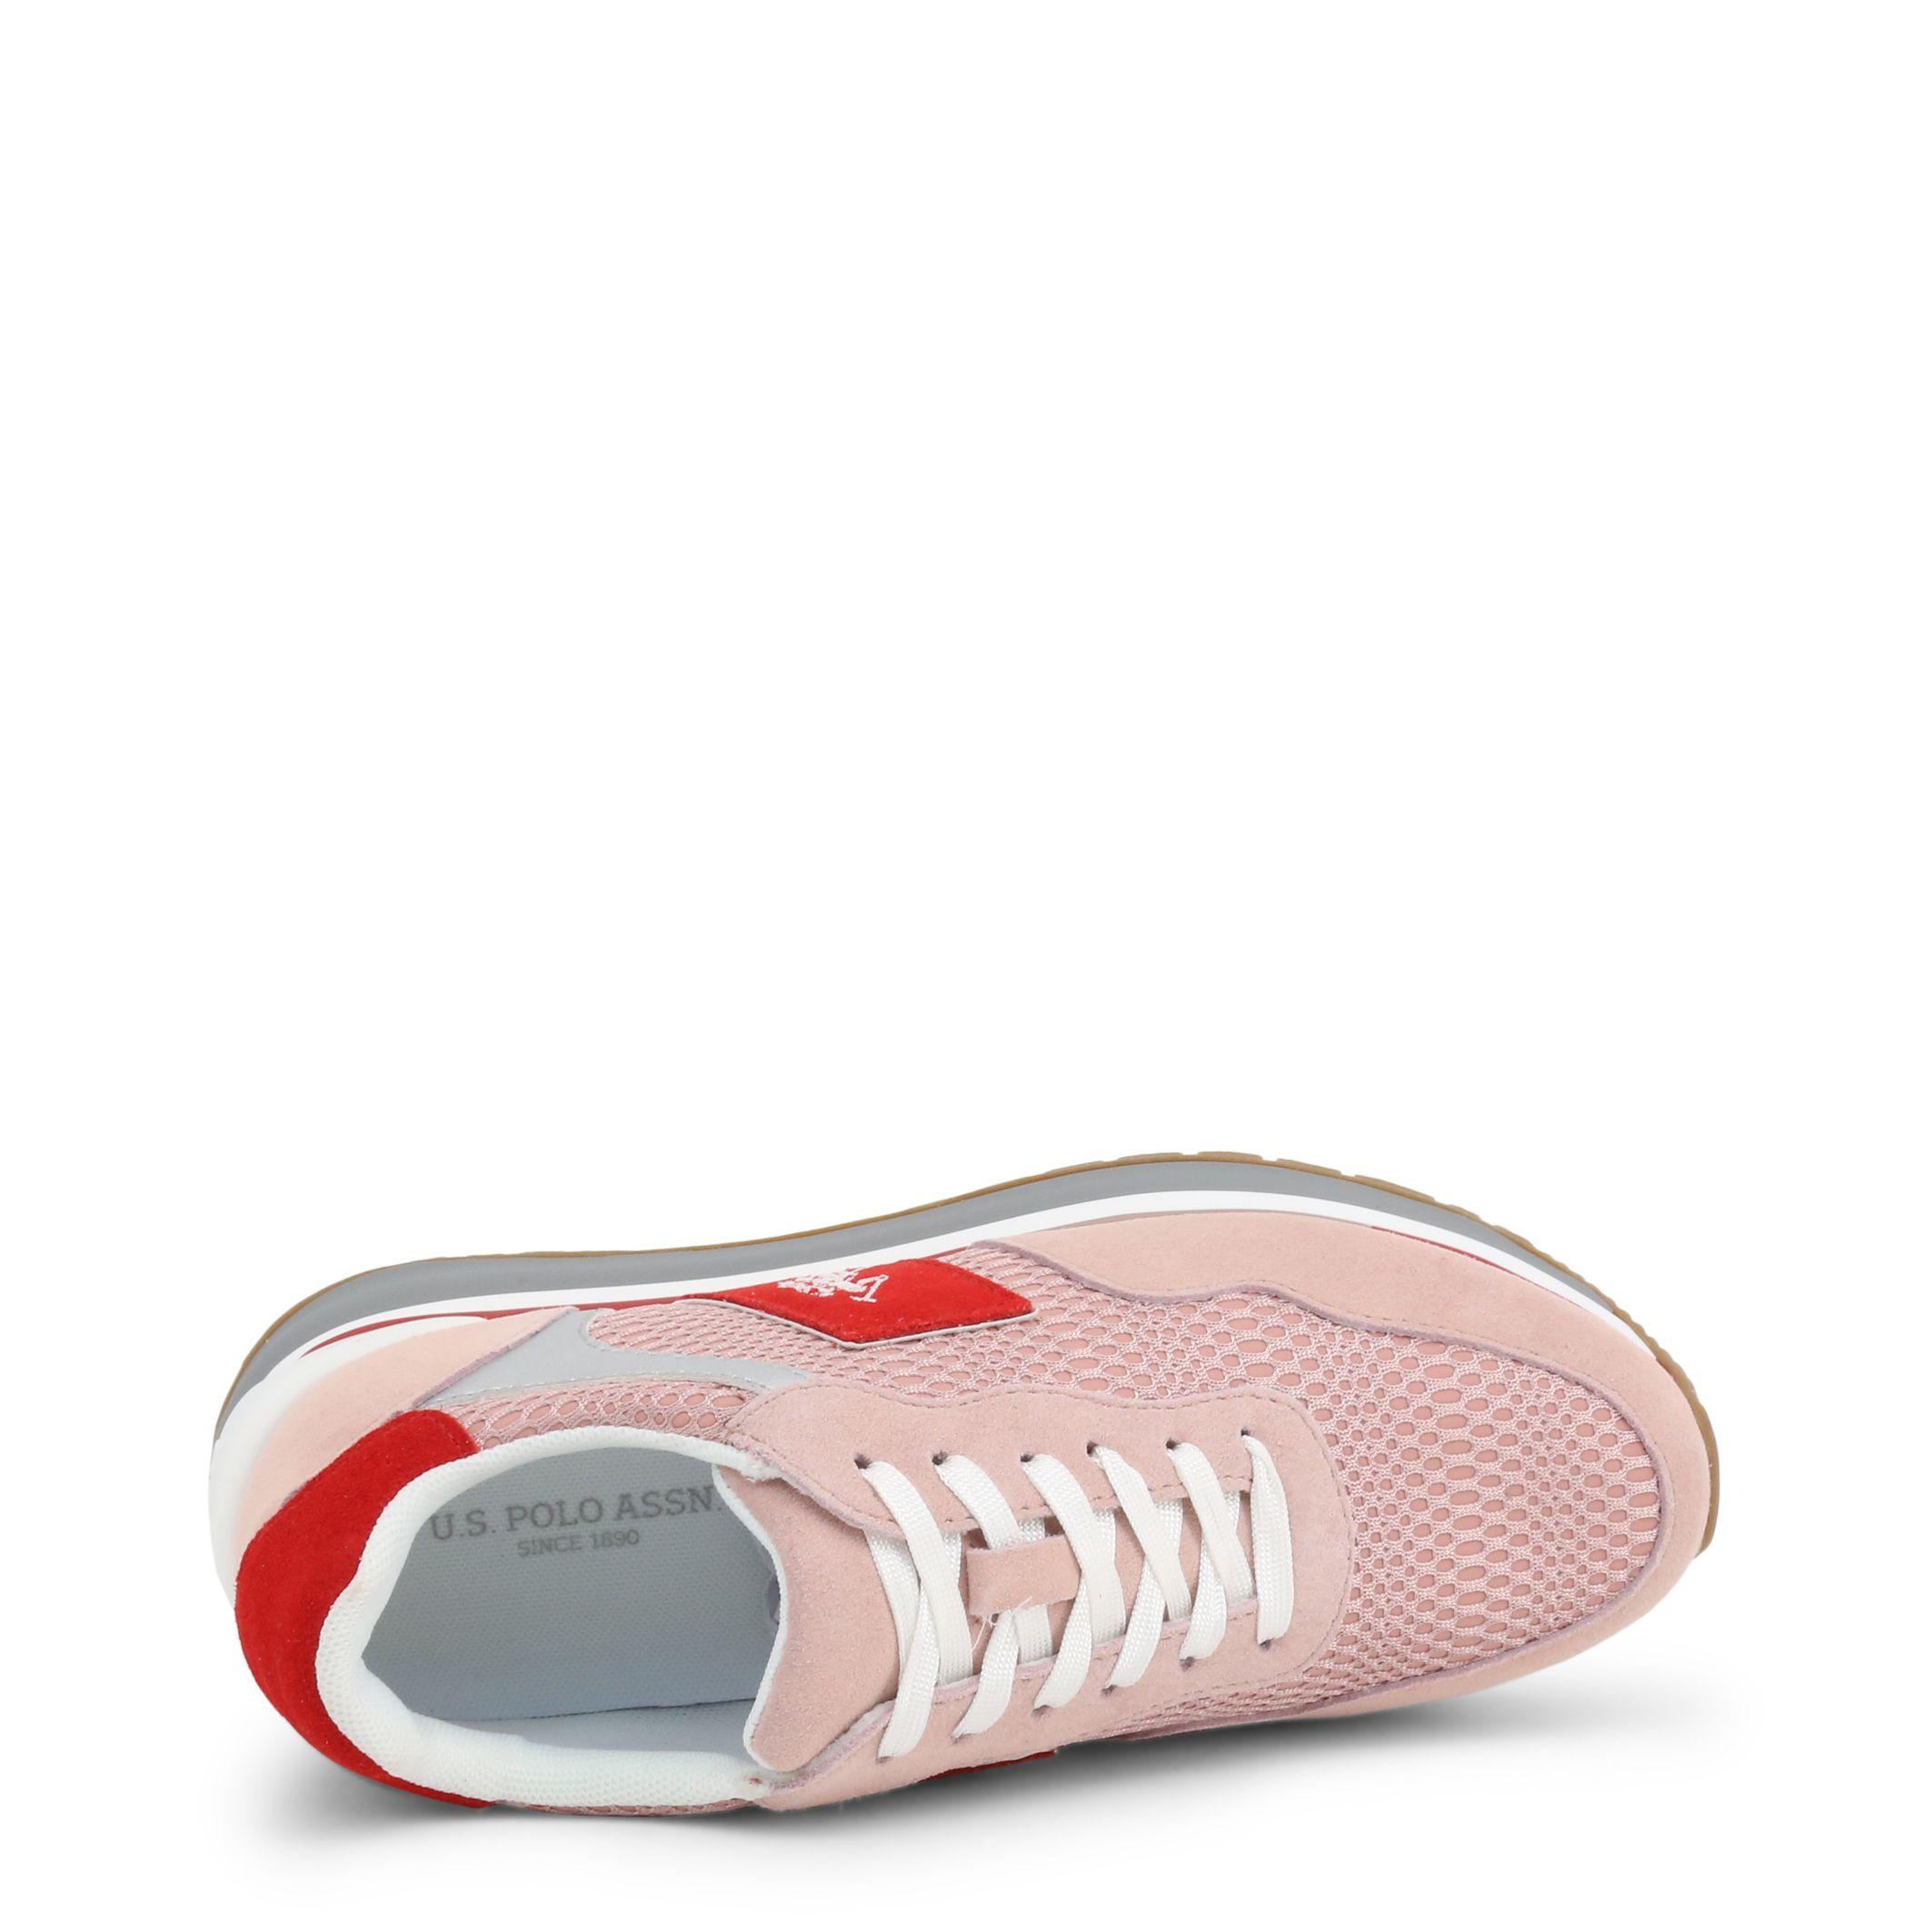 Schuhe U.S. Polo Assn. – CHER4195S0_MS1 – Rosa